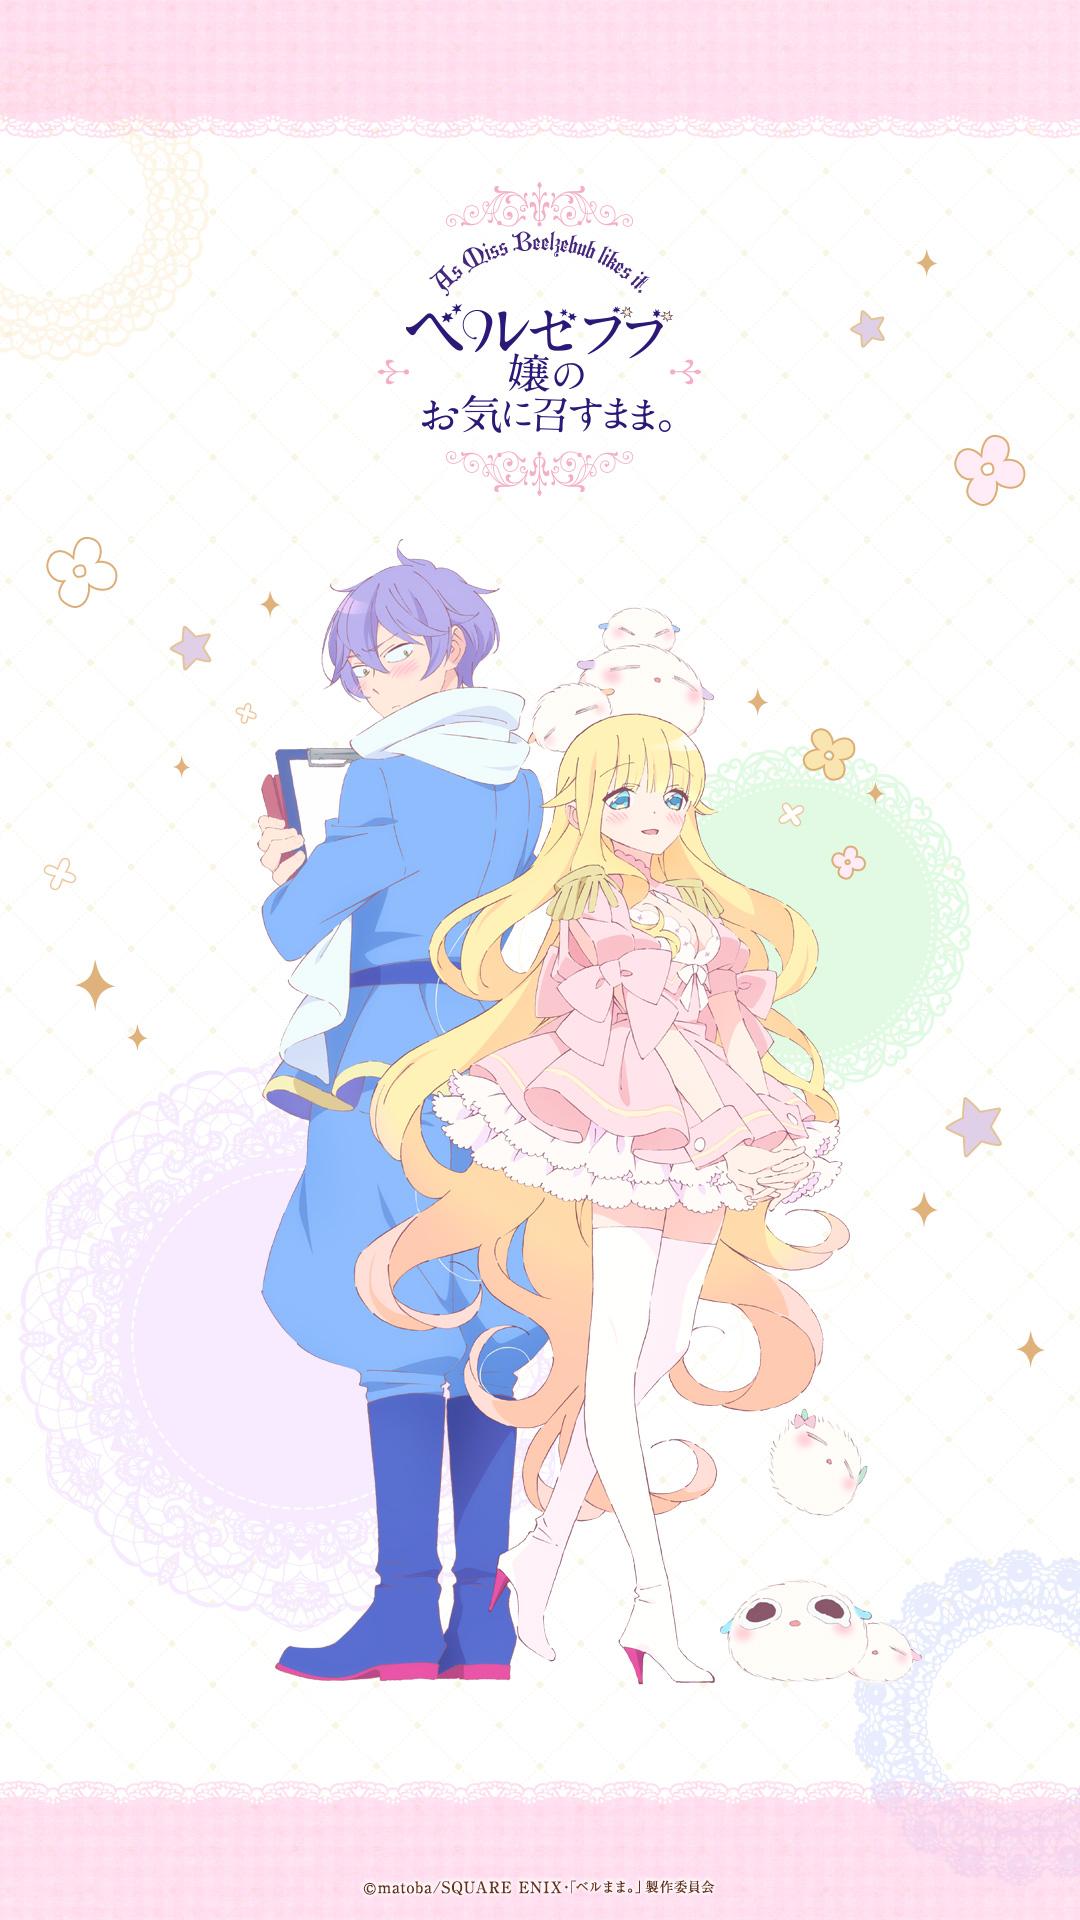 Specal Tvアニメ ベルゼブブ嬢のお気に召すまま 公式サイト